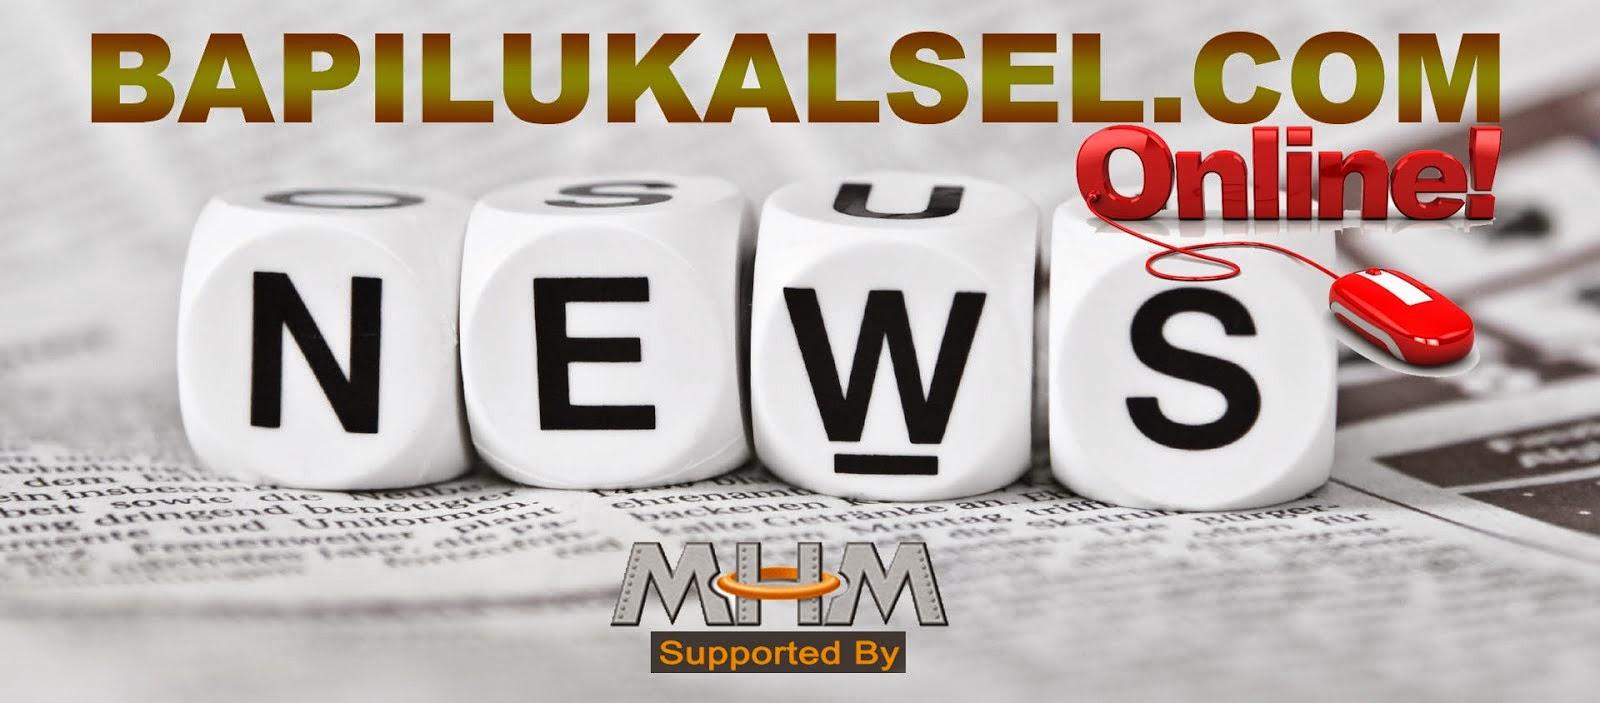 M Formasi Cpns2013 Kalsel Com  Bapilu Kalsel